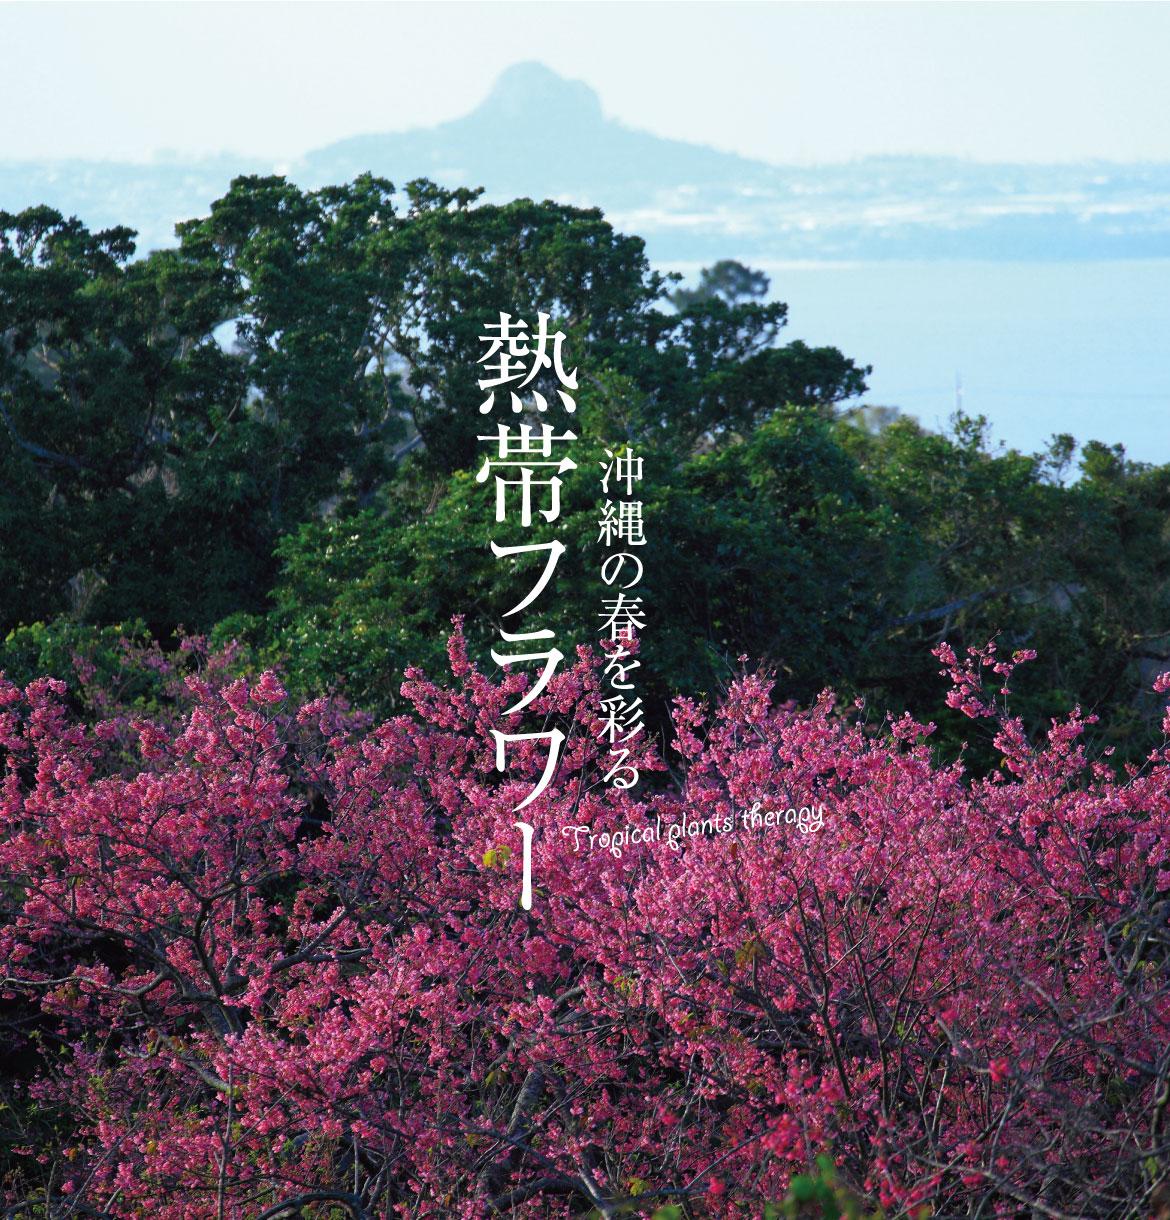 沖縄の世界遺産・勝連城跡